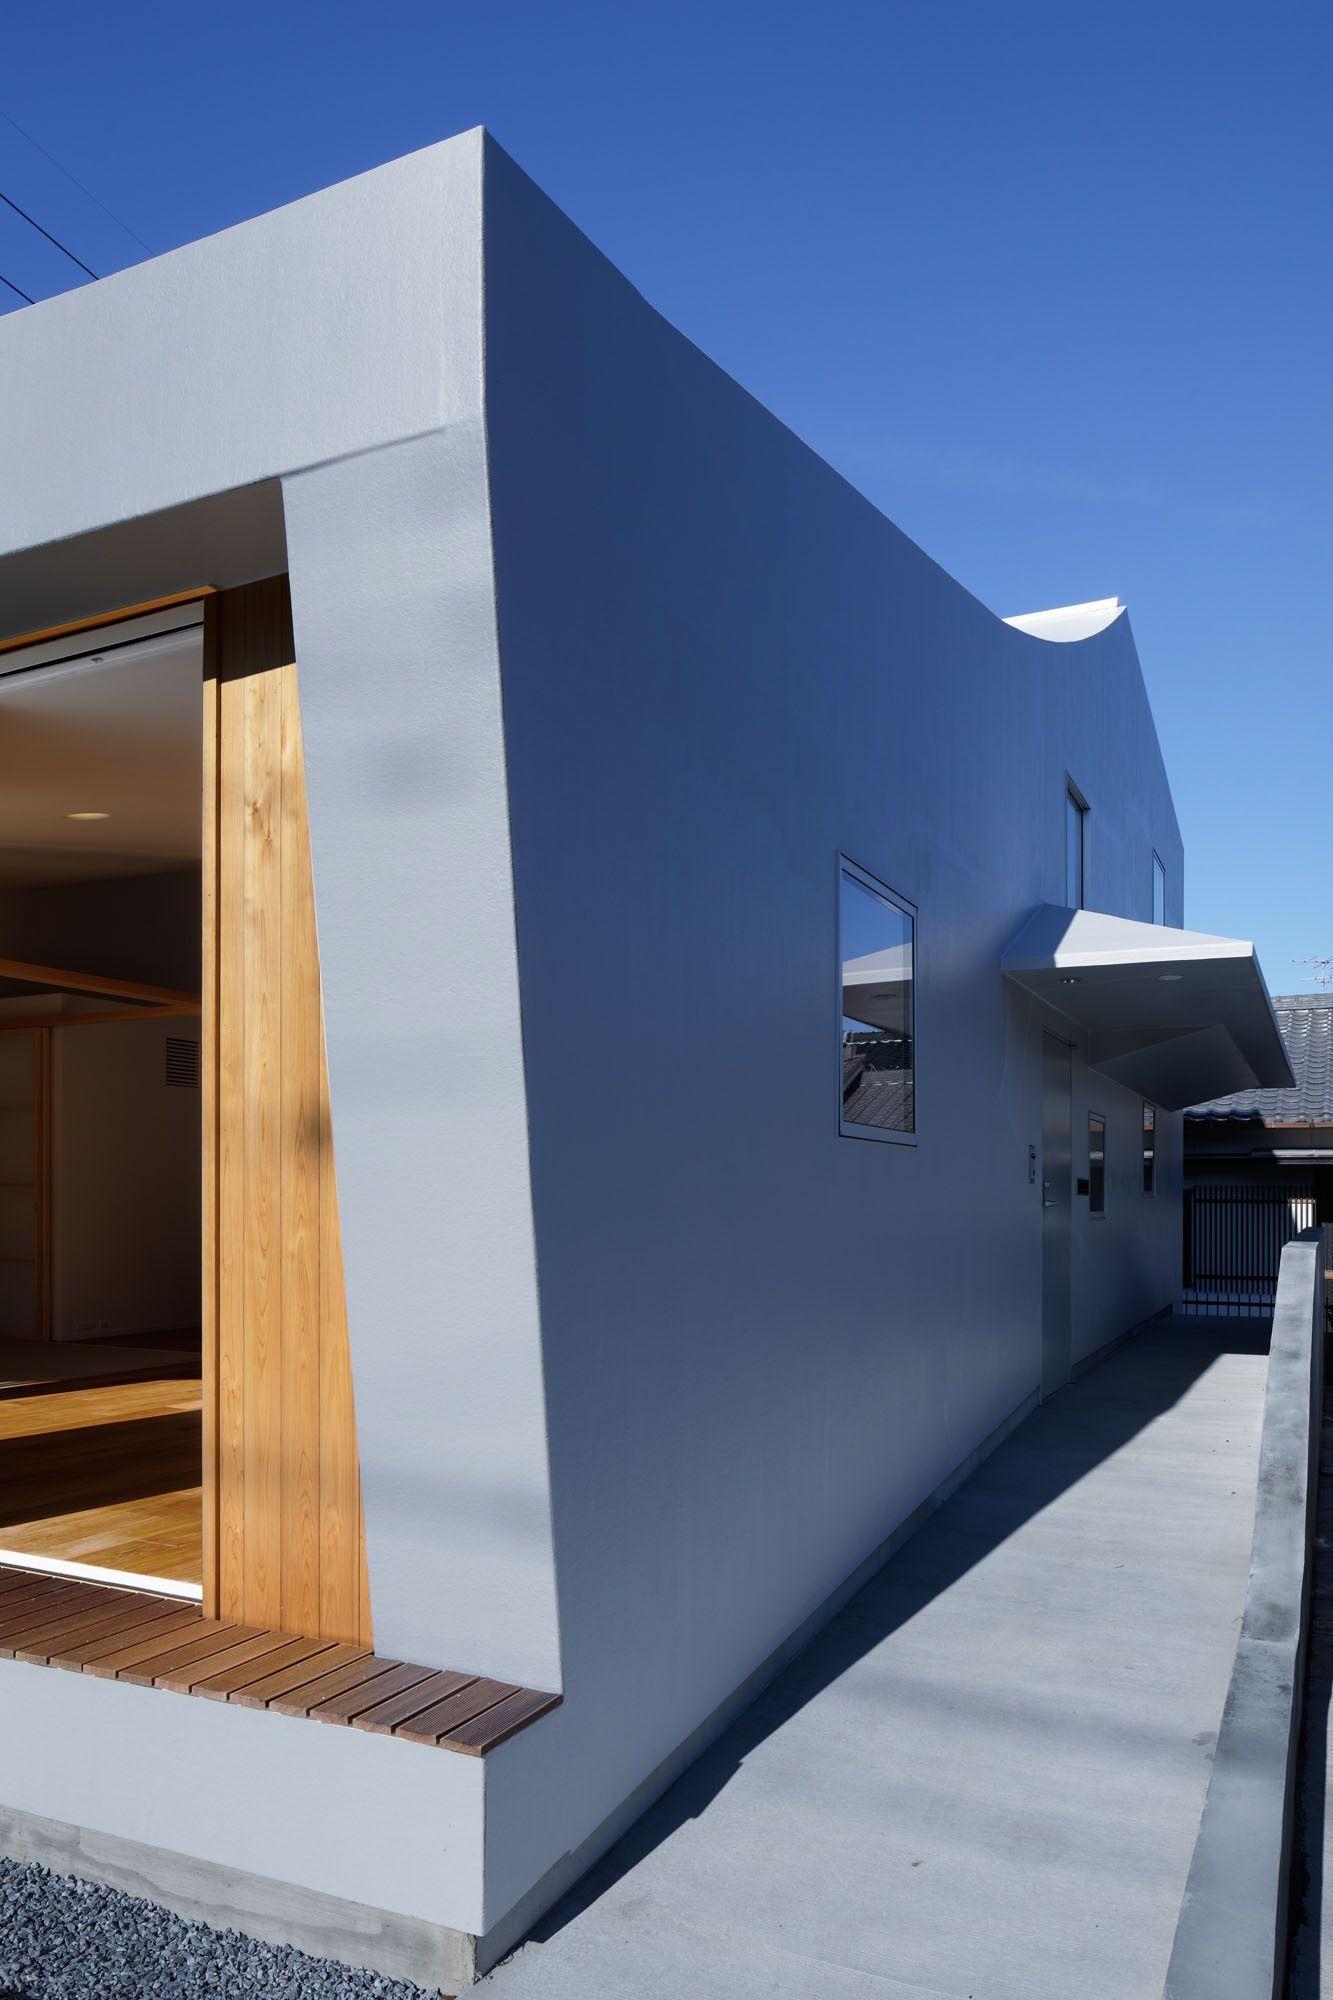 House H / mattch